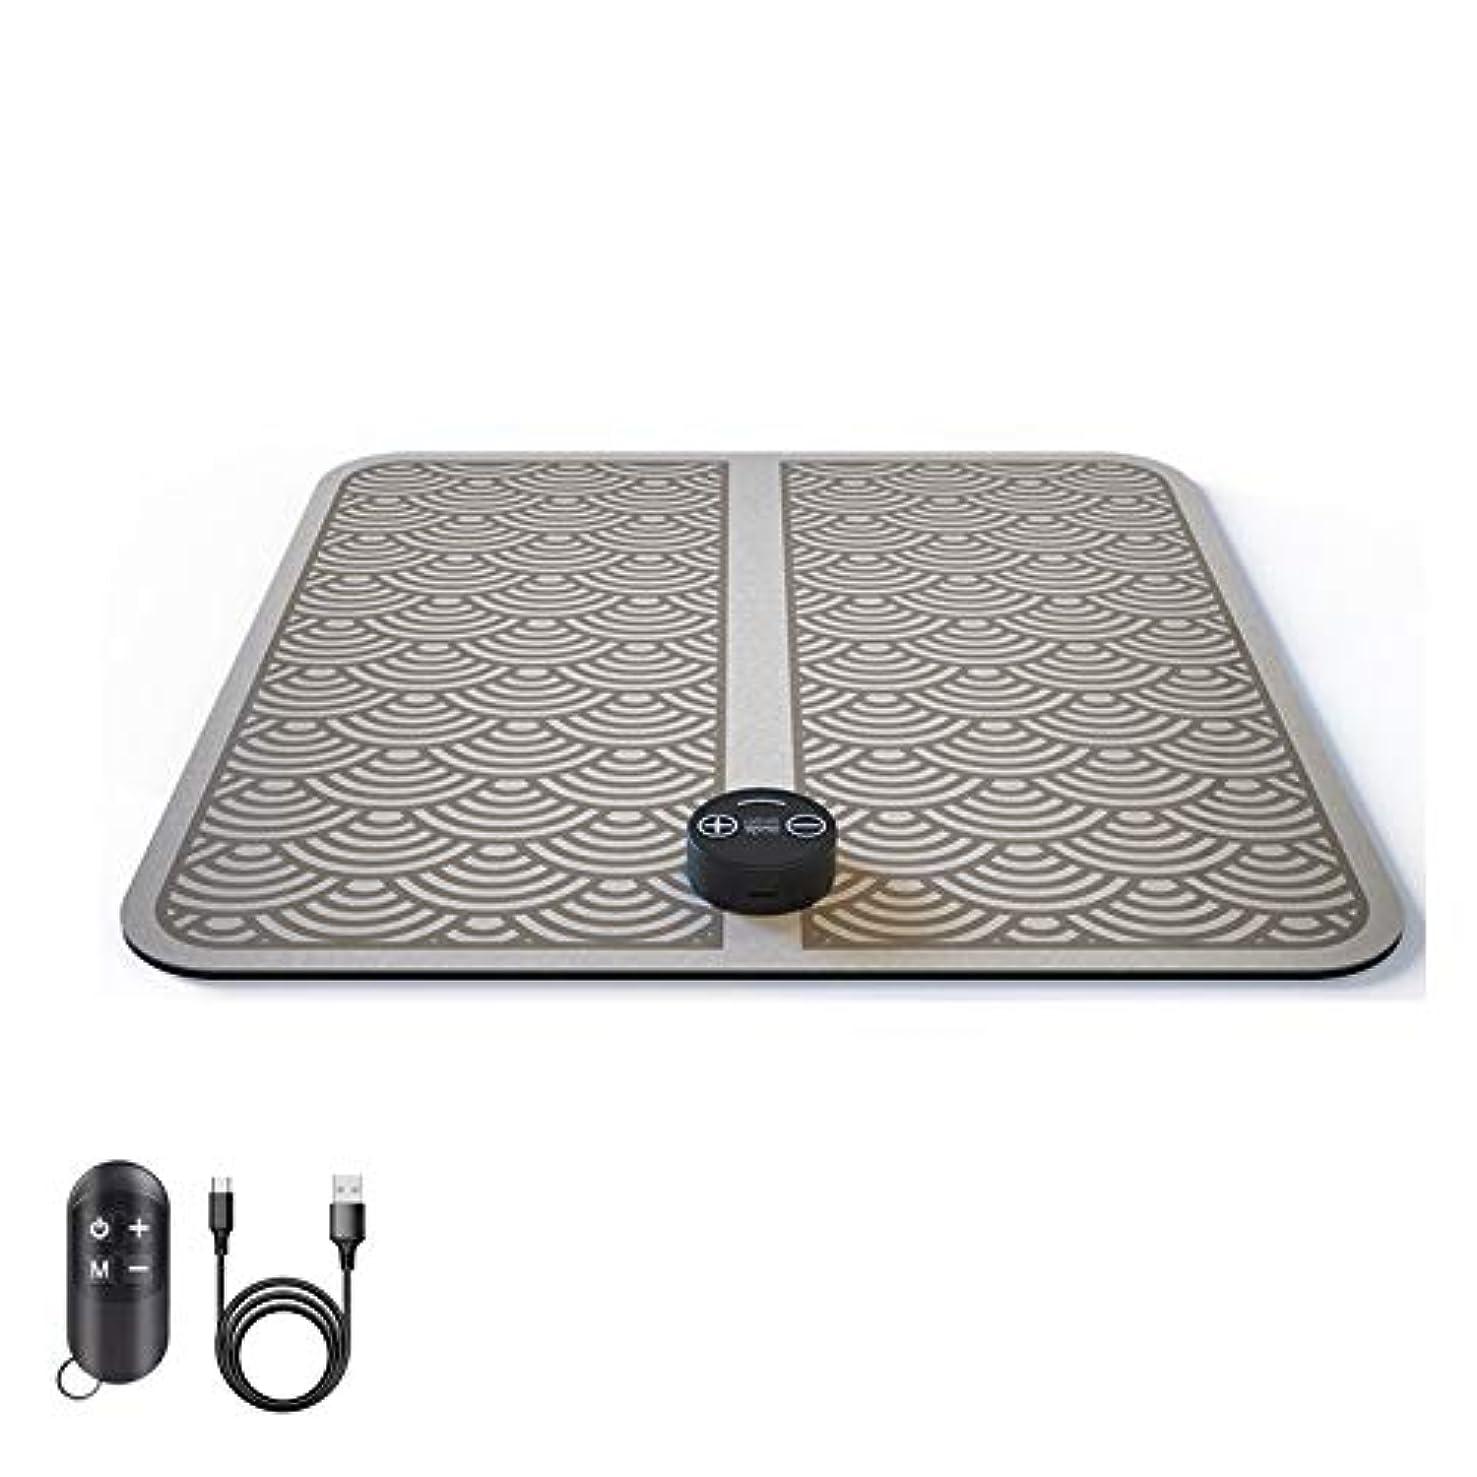 フロンティアコンドームハプニングEMSフットマッサージャー電動フットマッサージャー、折り畳み式ポータブル電動マッサージクッション、リモートコントロールフットマッサージャーフットマッサージャーUSB充電式電子筋肉刺激装置